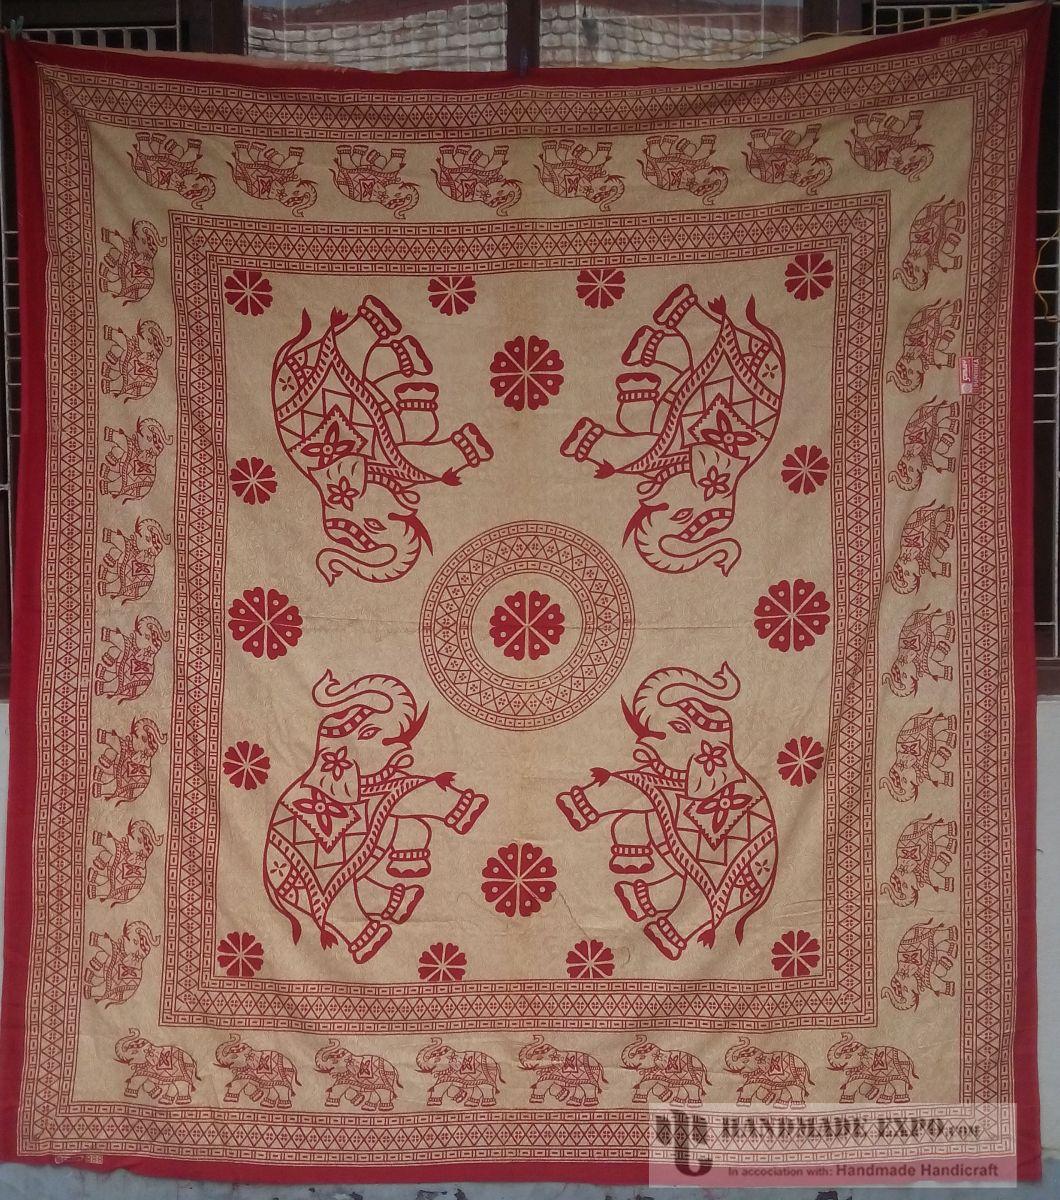 Handmade bed sheets design - Elephant Design Bed Sheet Handmade Handicraft Bed Sheets Bed Sheets Elephant Design Bed Sheet Cotton